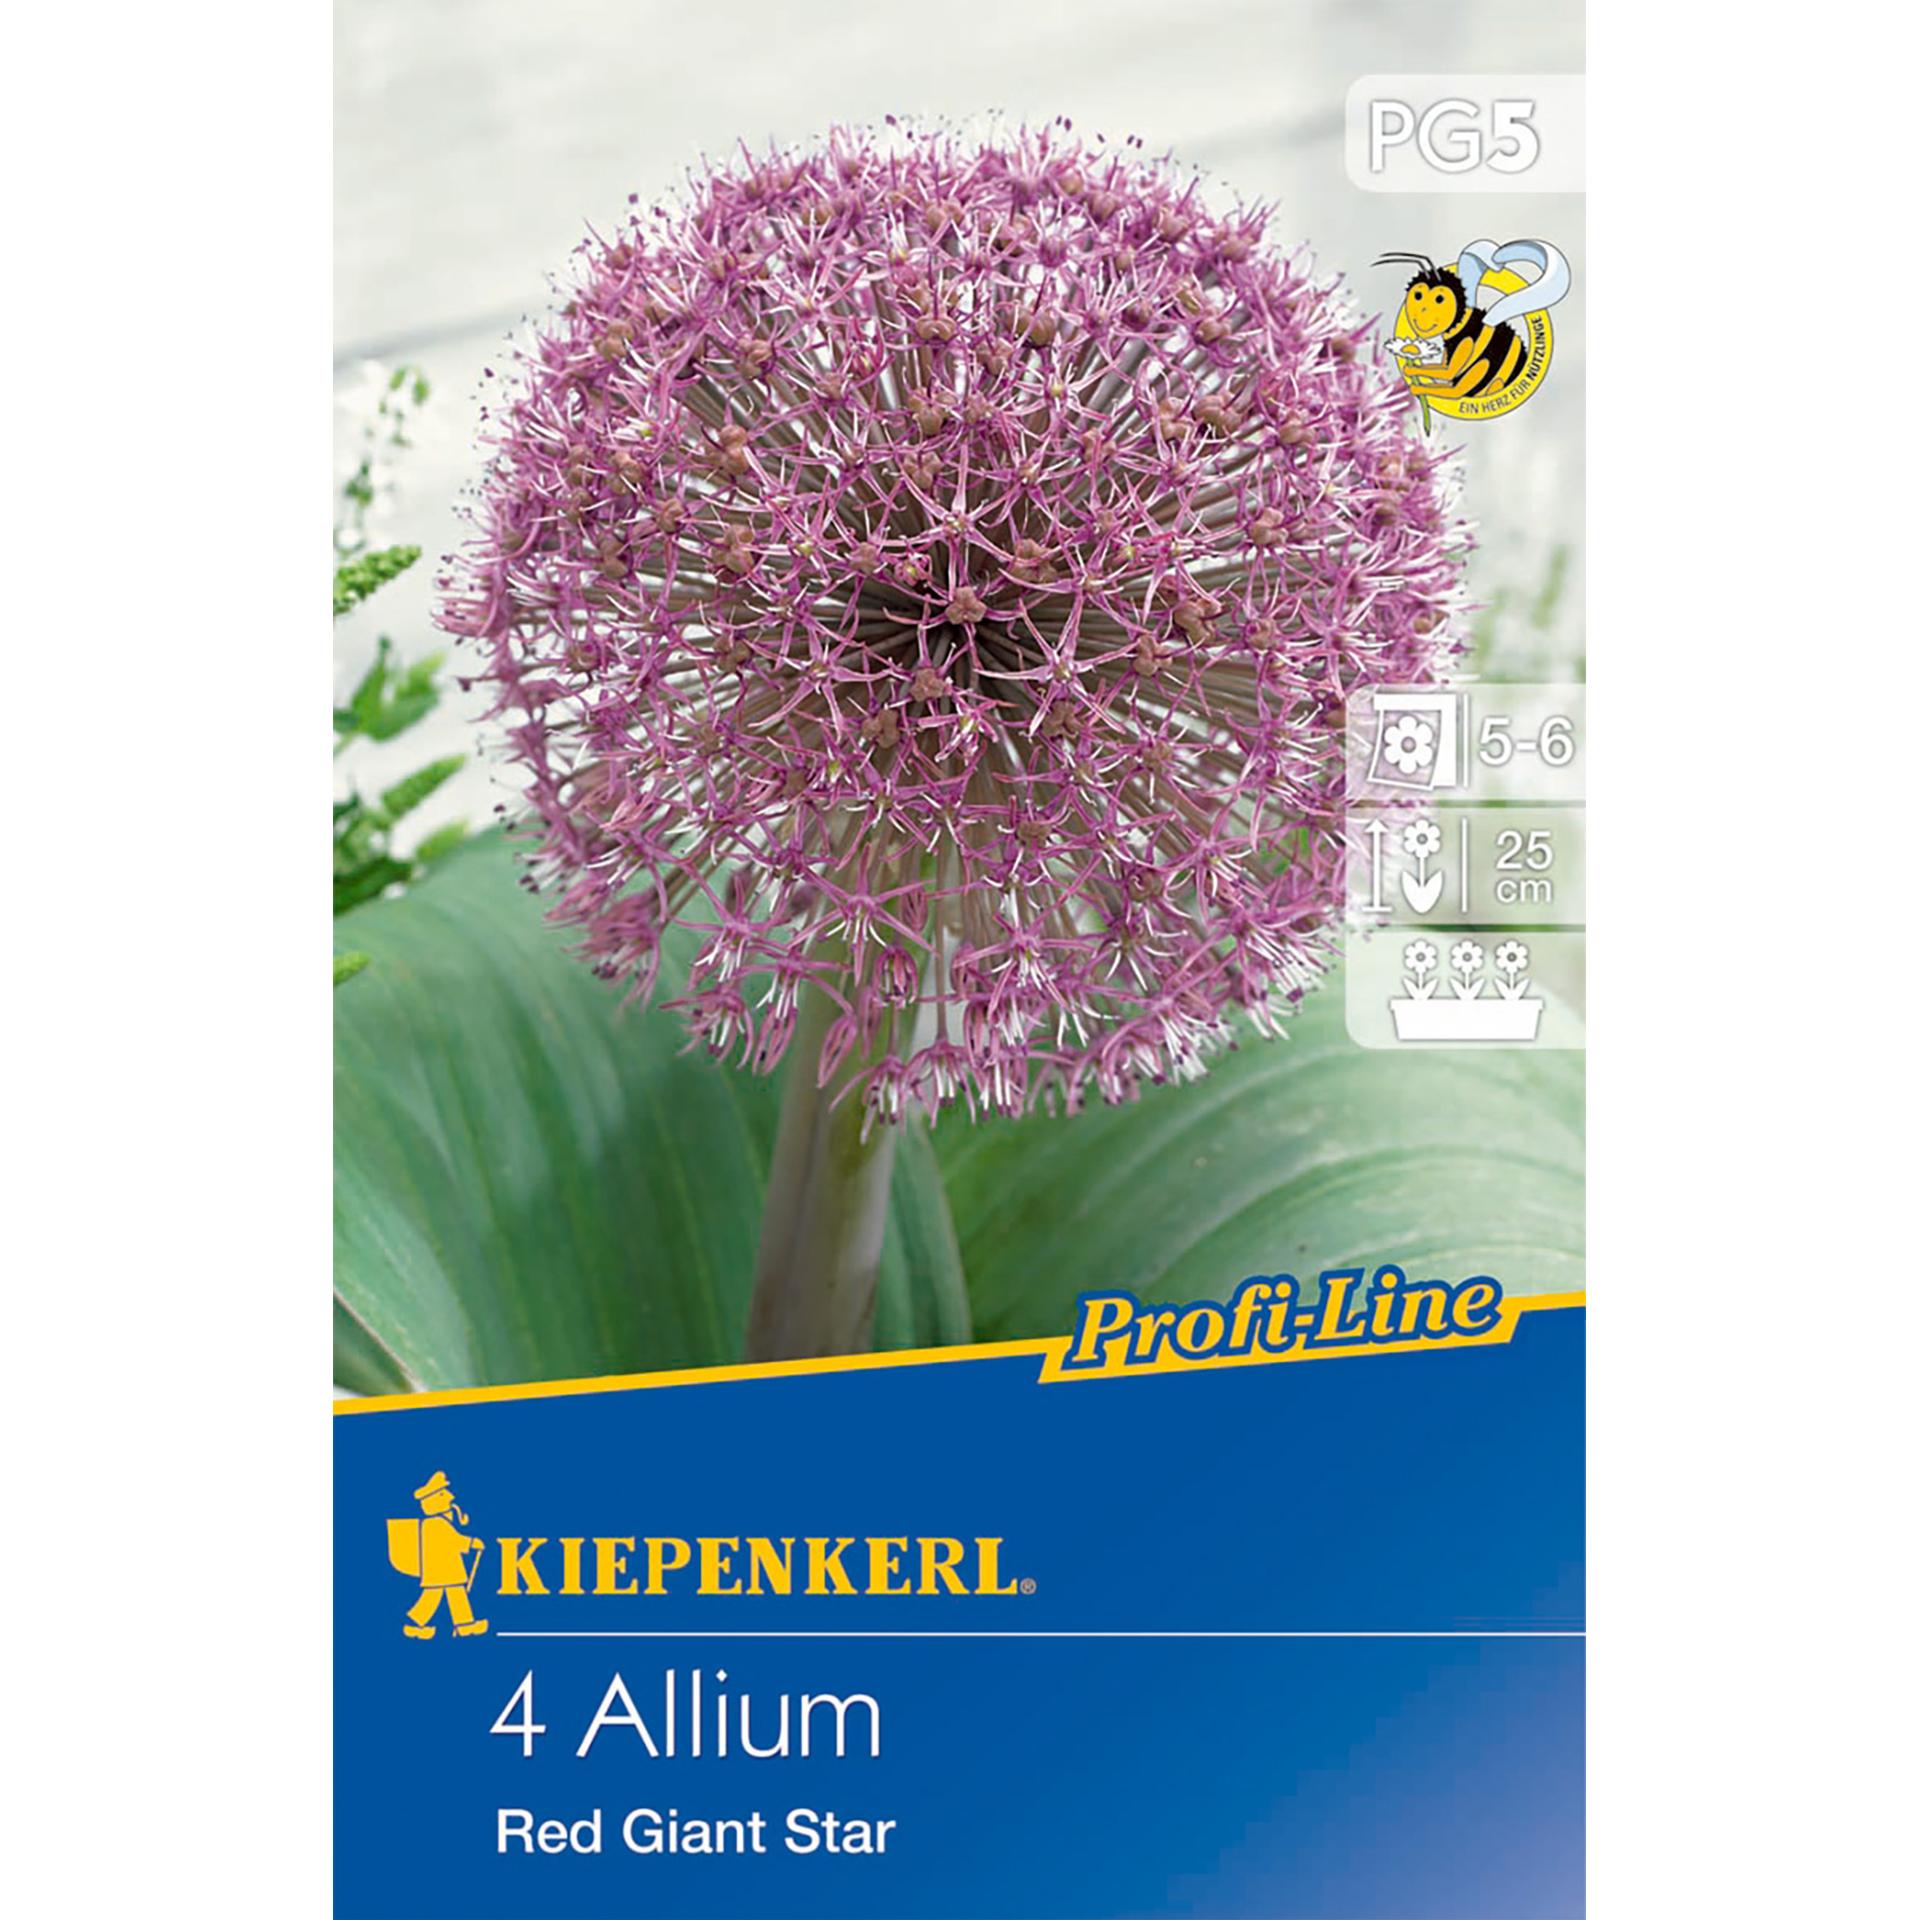 Allium Red Giant Star Blumenzwiebel